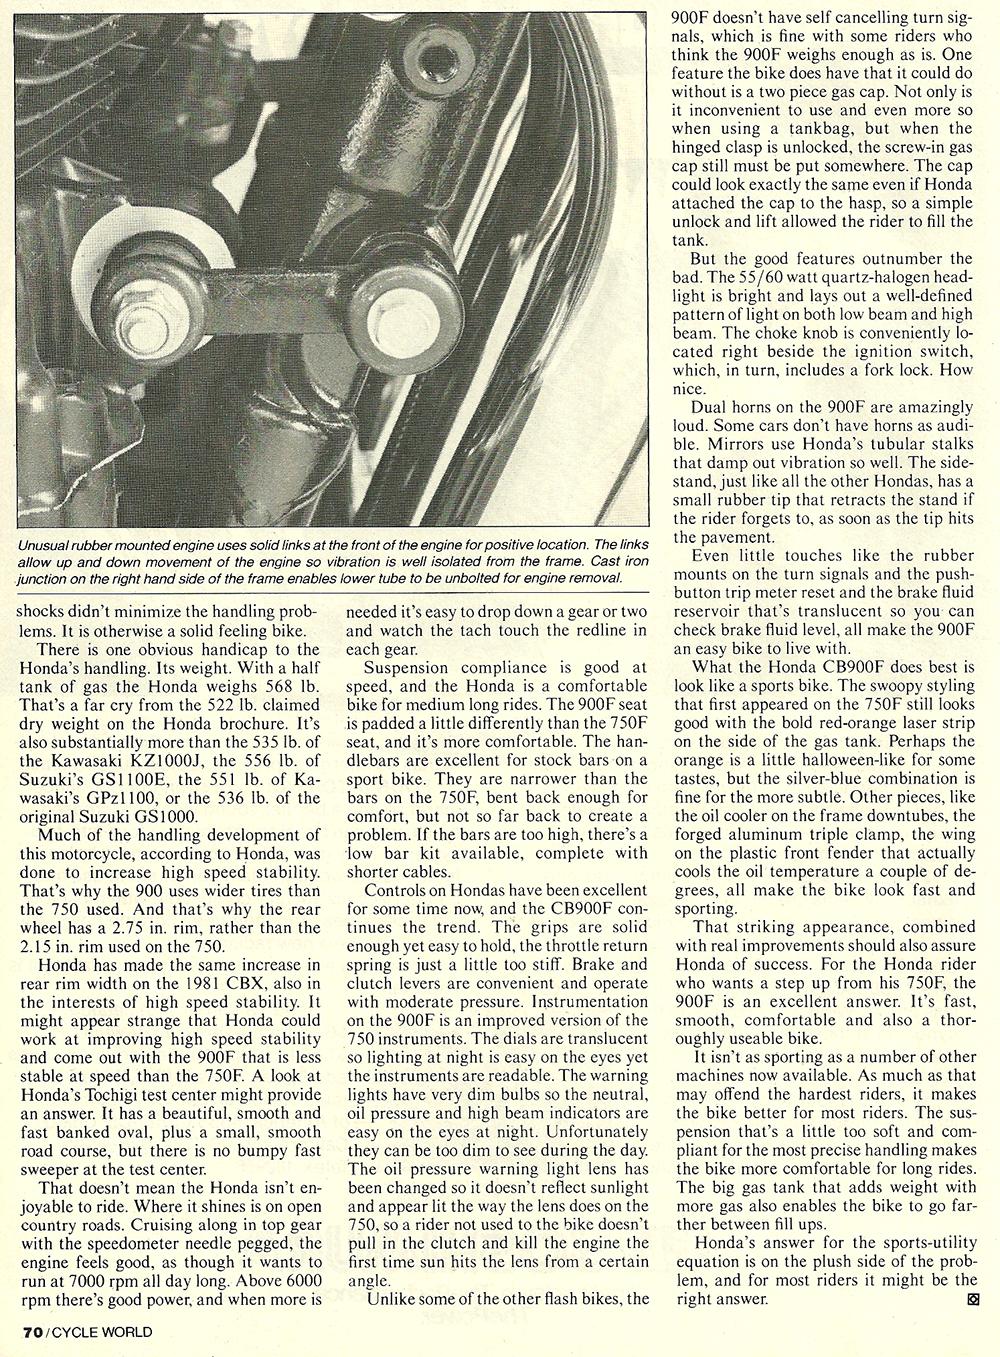 1981 CB900F Super Sport road test 6.jpg